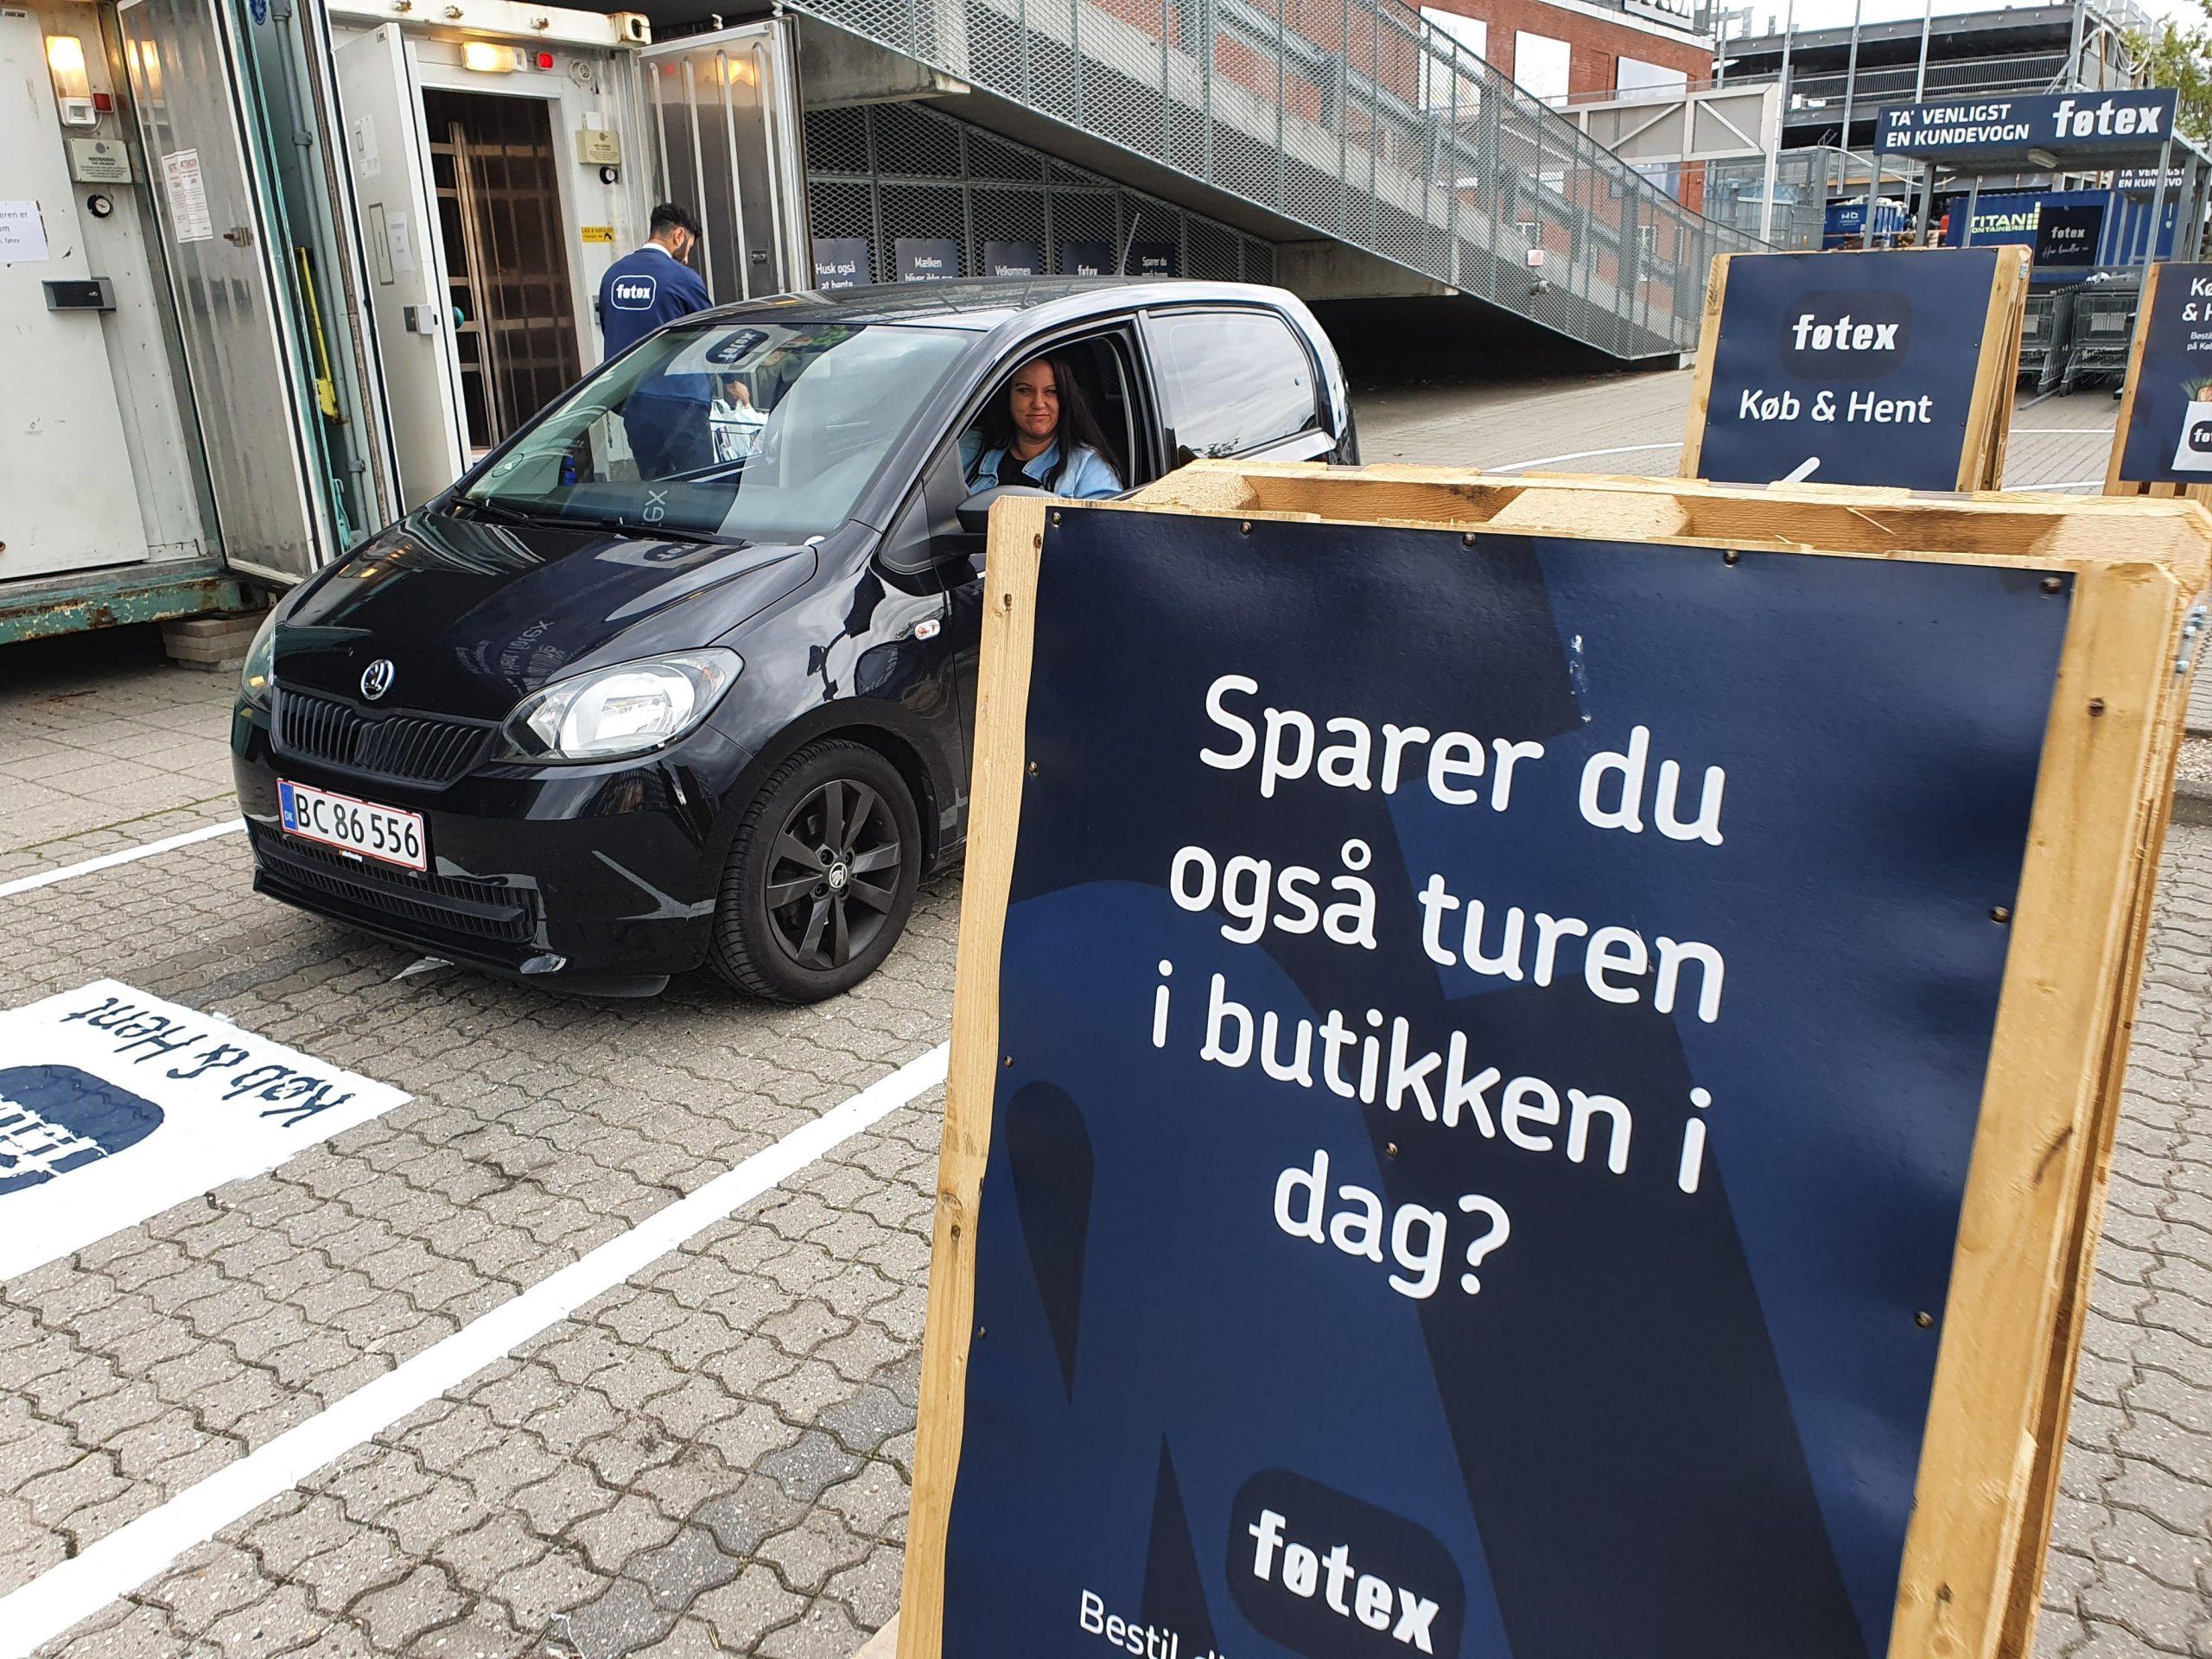 Bestil online og få dine varer leveret i baggagerummet - Køb & Hent hos Føtex